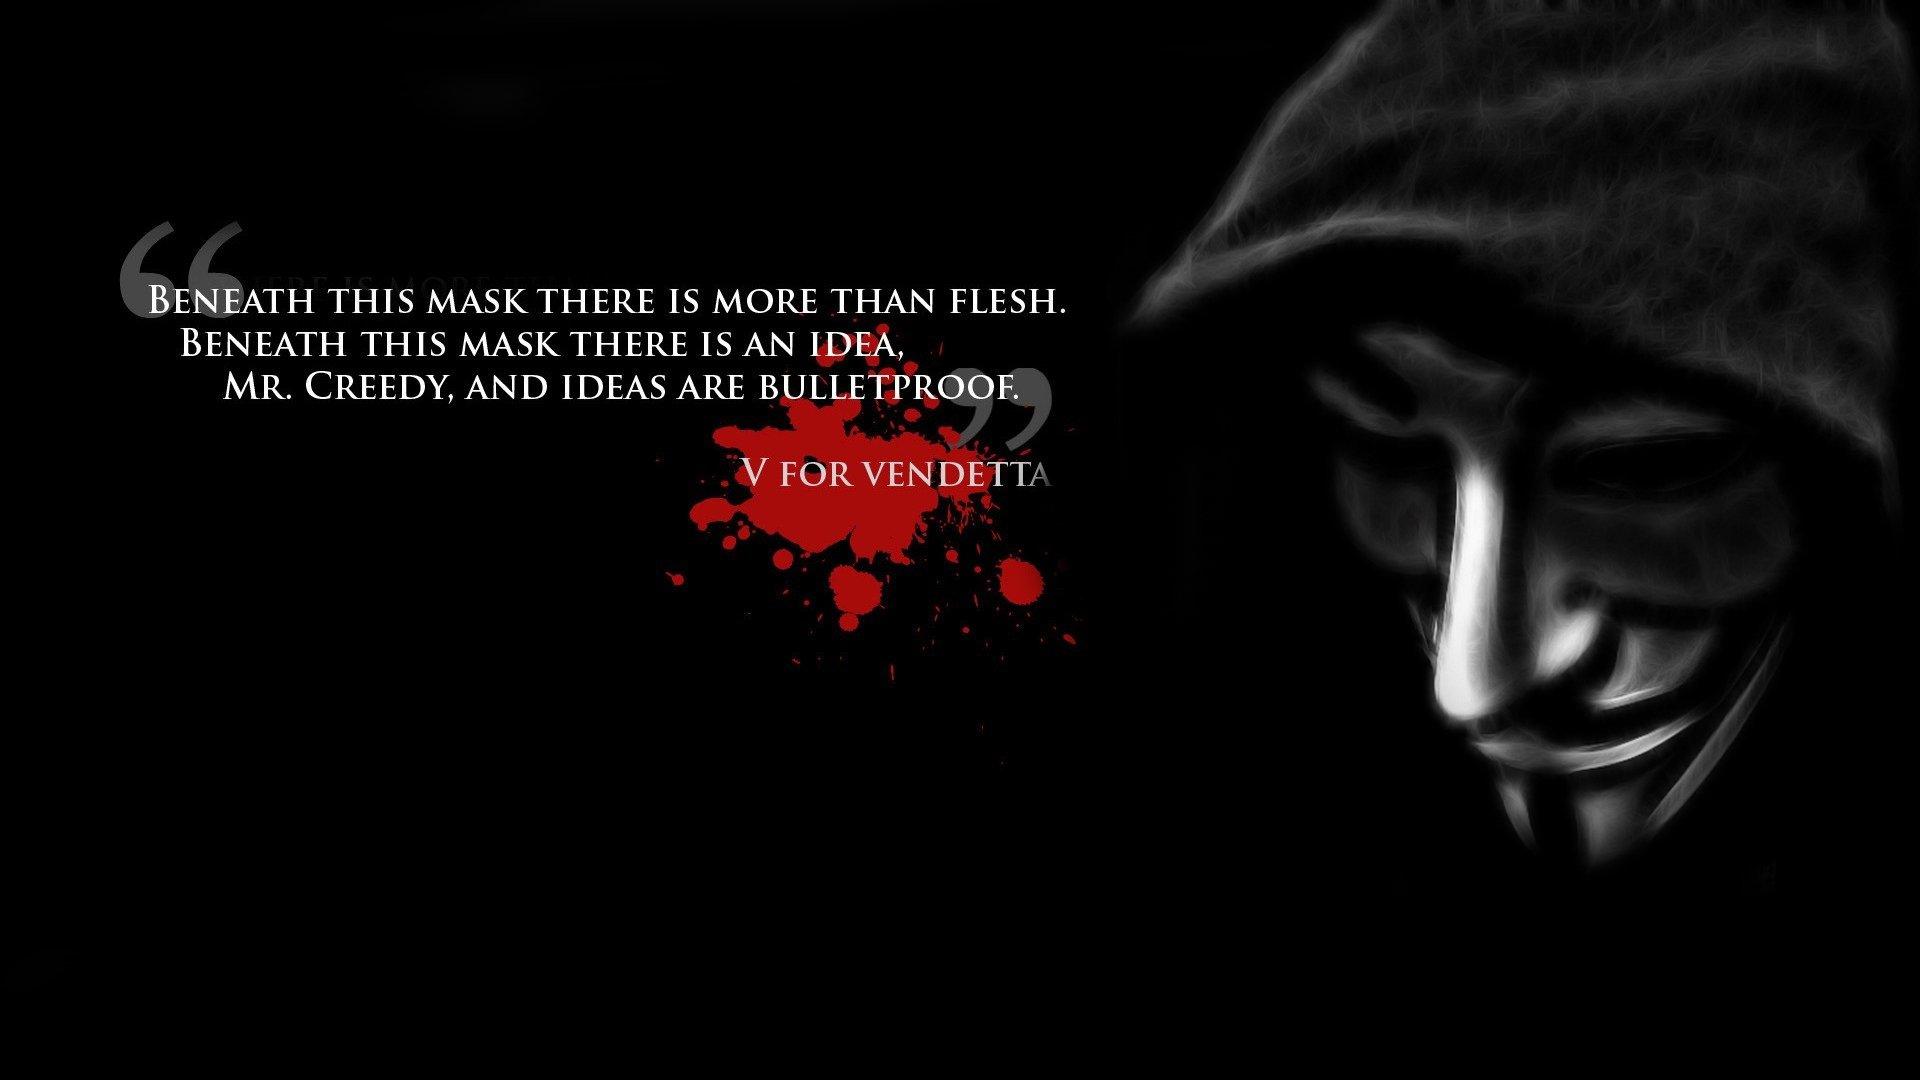 v for vendetta rose wallpaper - photo #19